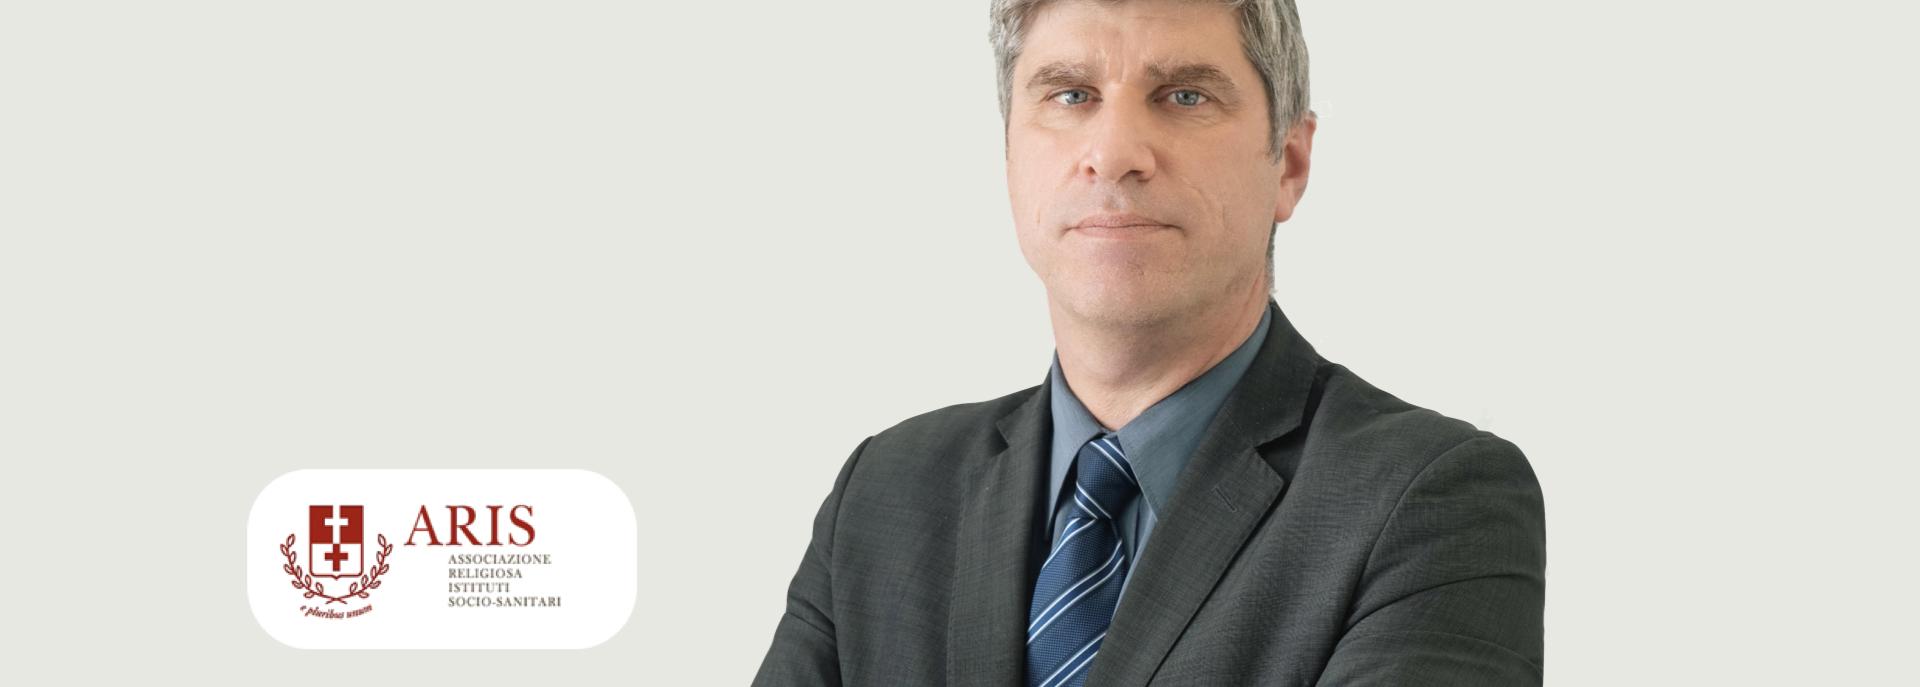 Il Direttore Generale Nicola Spada, nuovo presidente di ARIS Lombardia